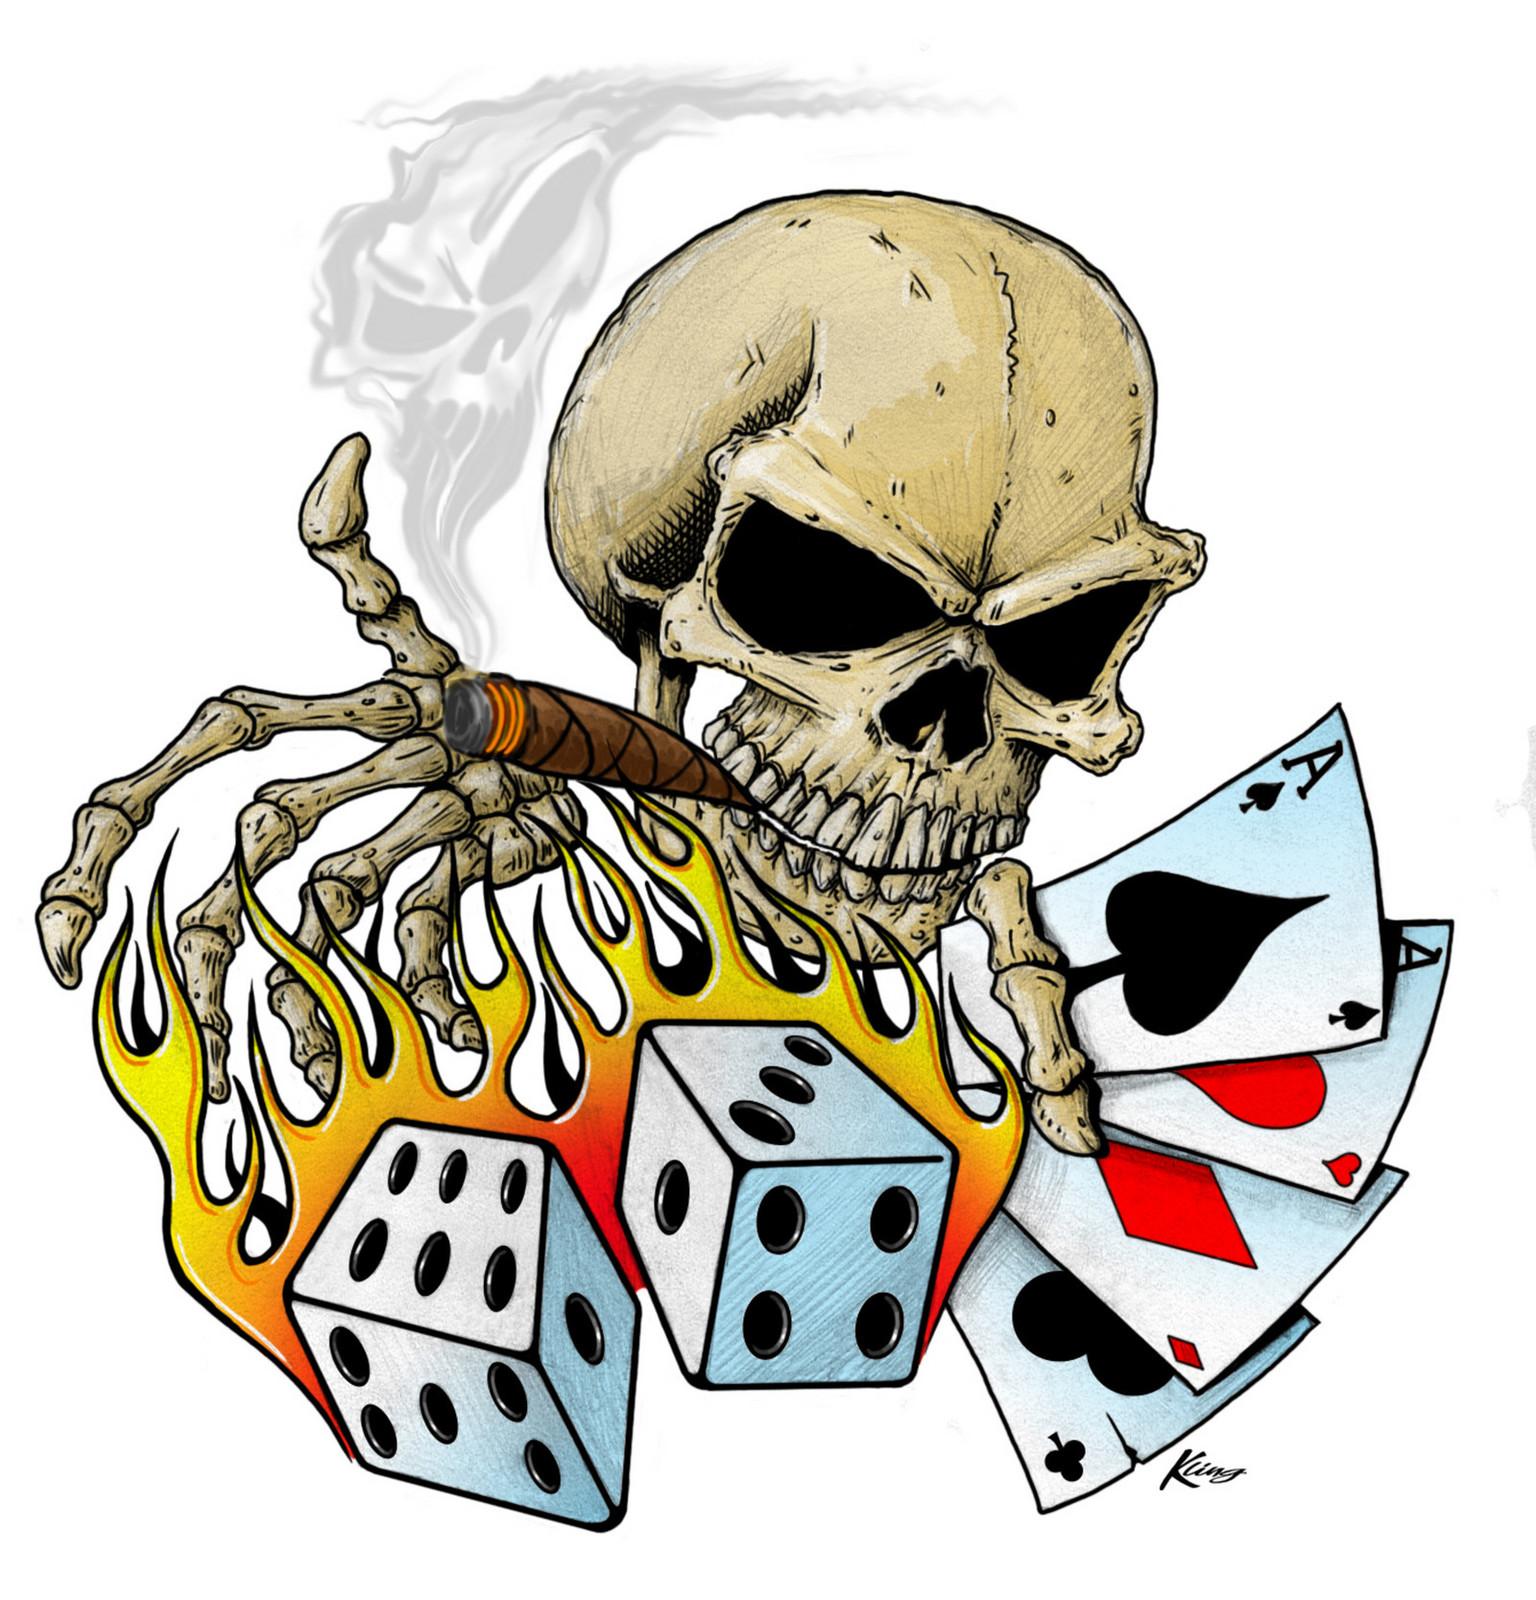 skull-tattoo-designs-215398_0029.jpg